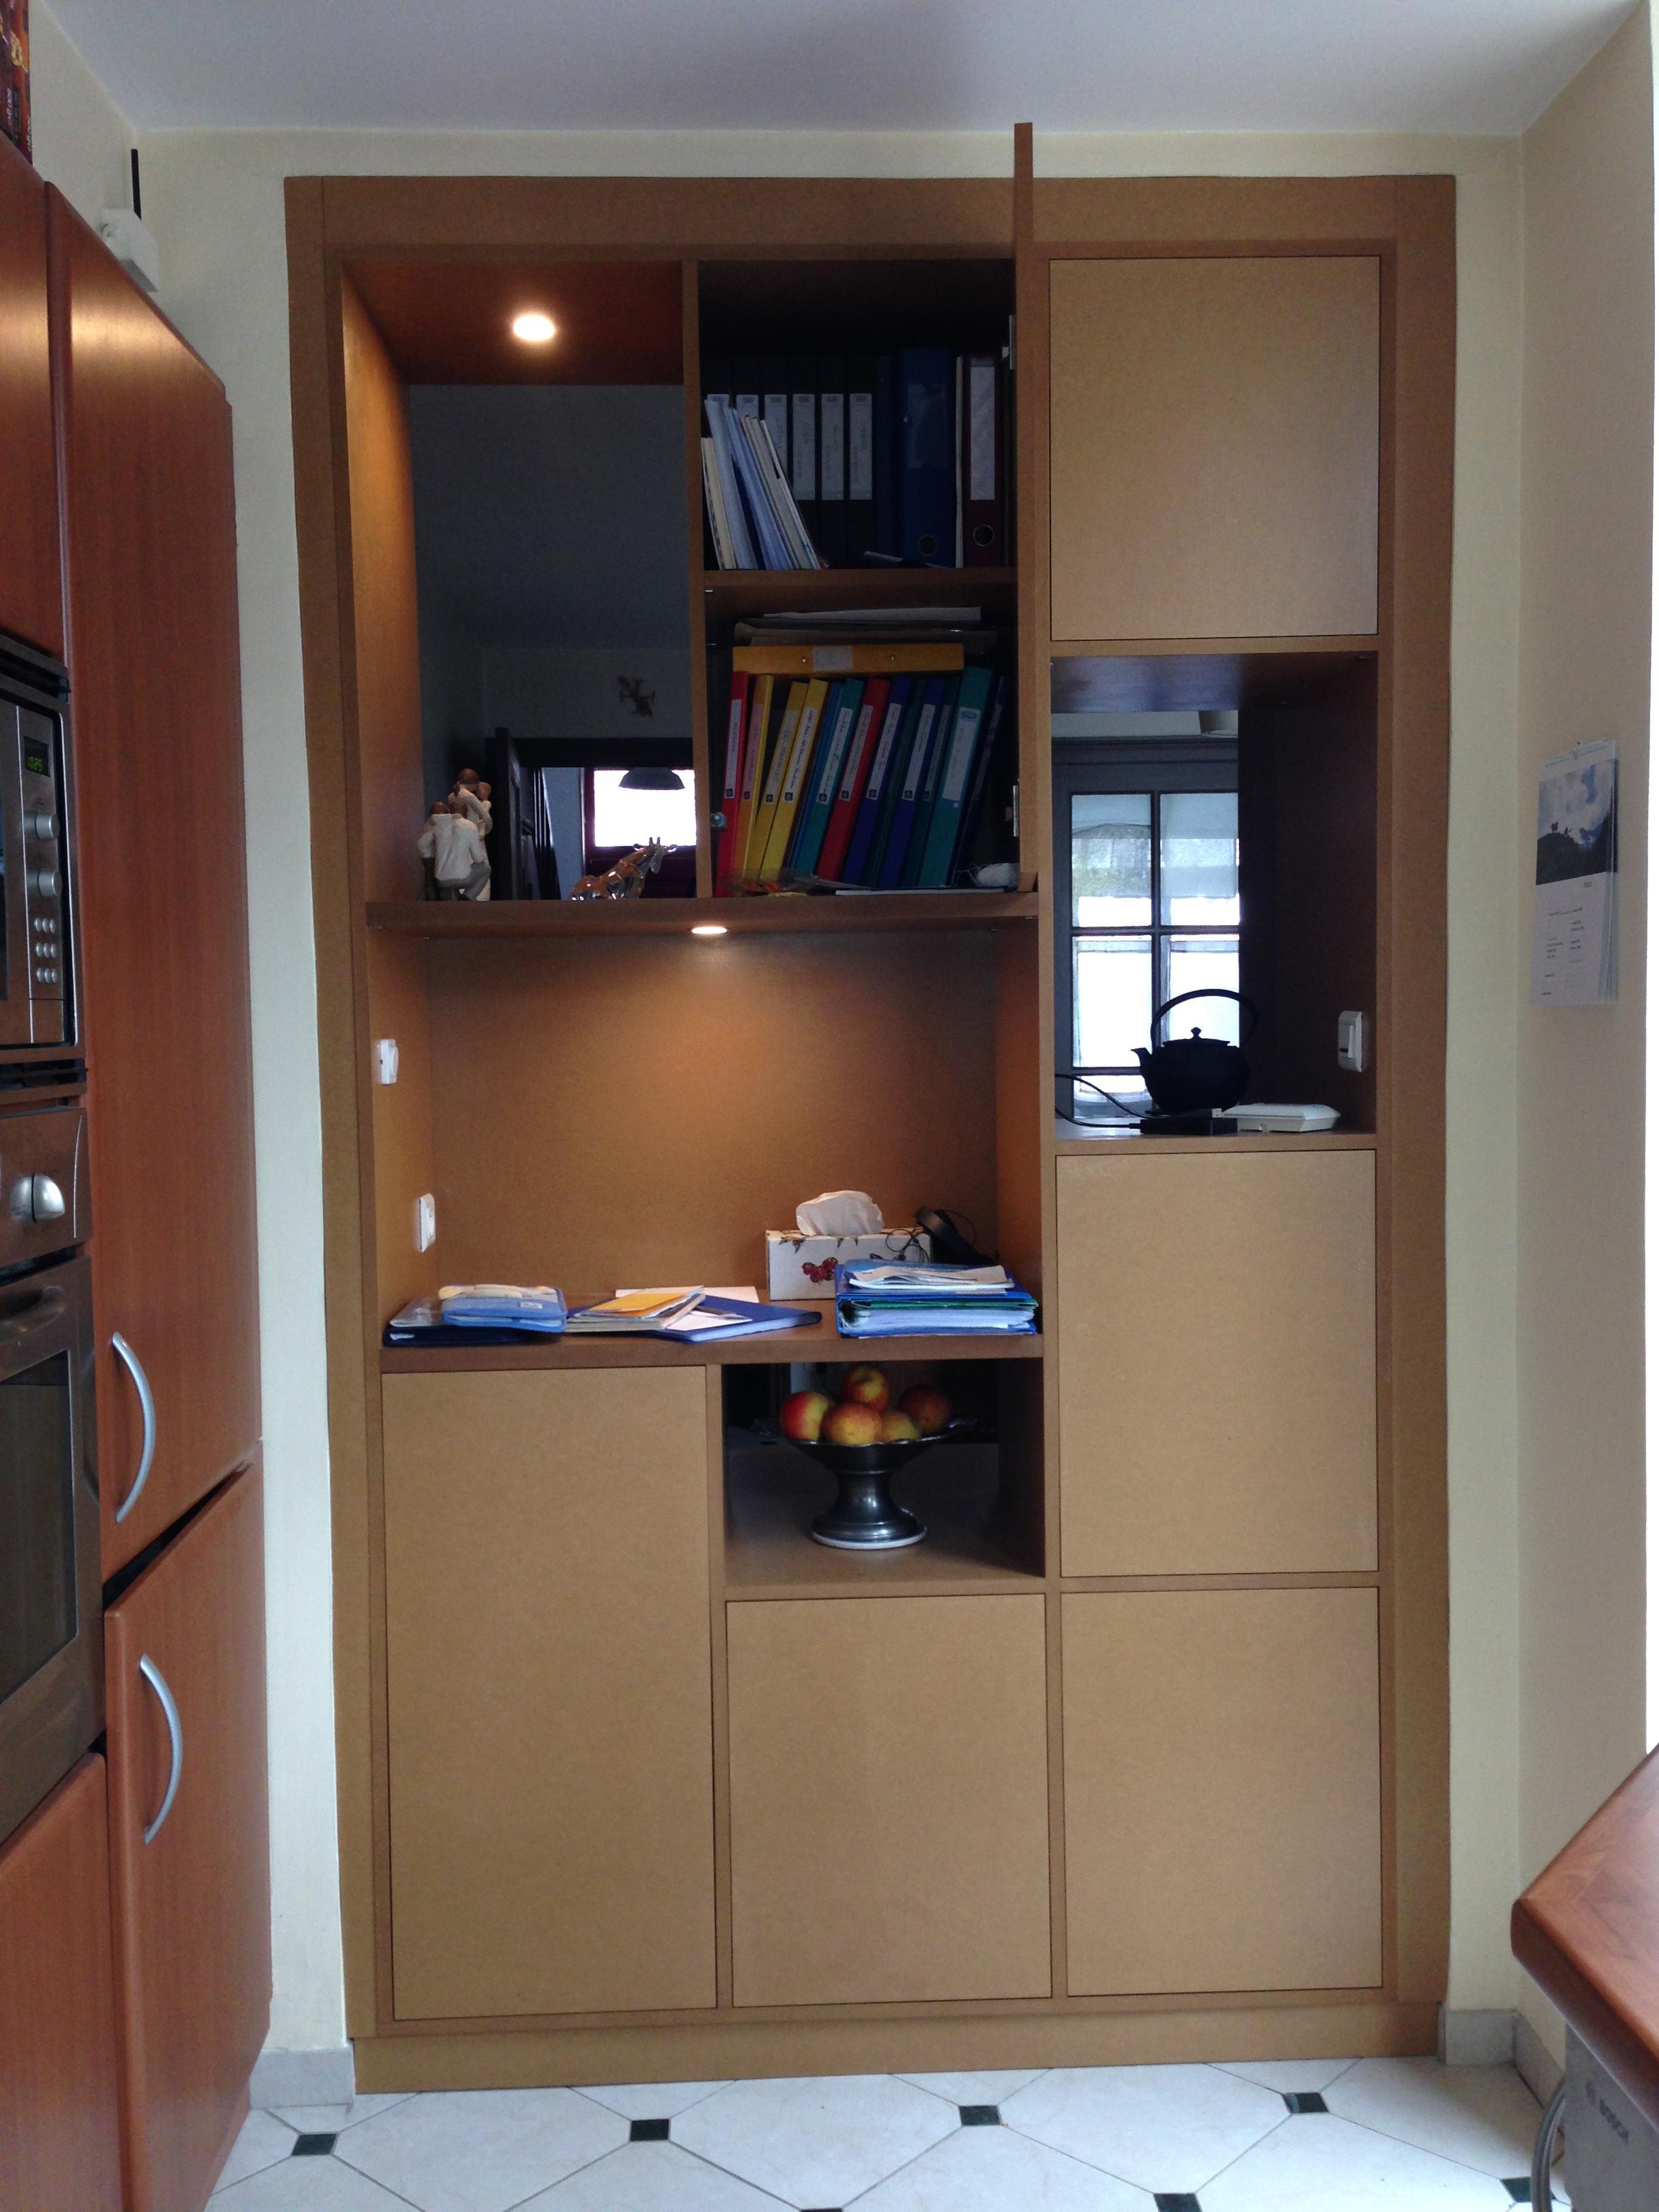 meuble de rangement servant de s paration entre cuisine et s jour. Black Bedroom Furniture Sets. Home Design Ideas